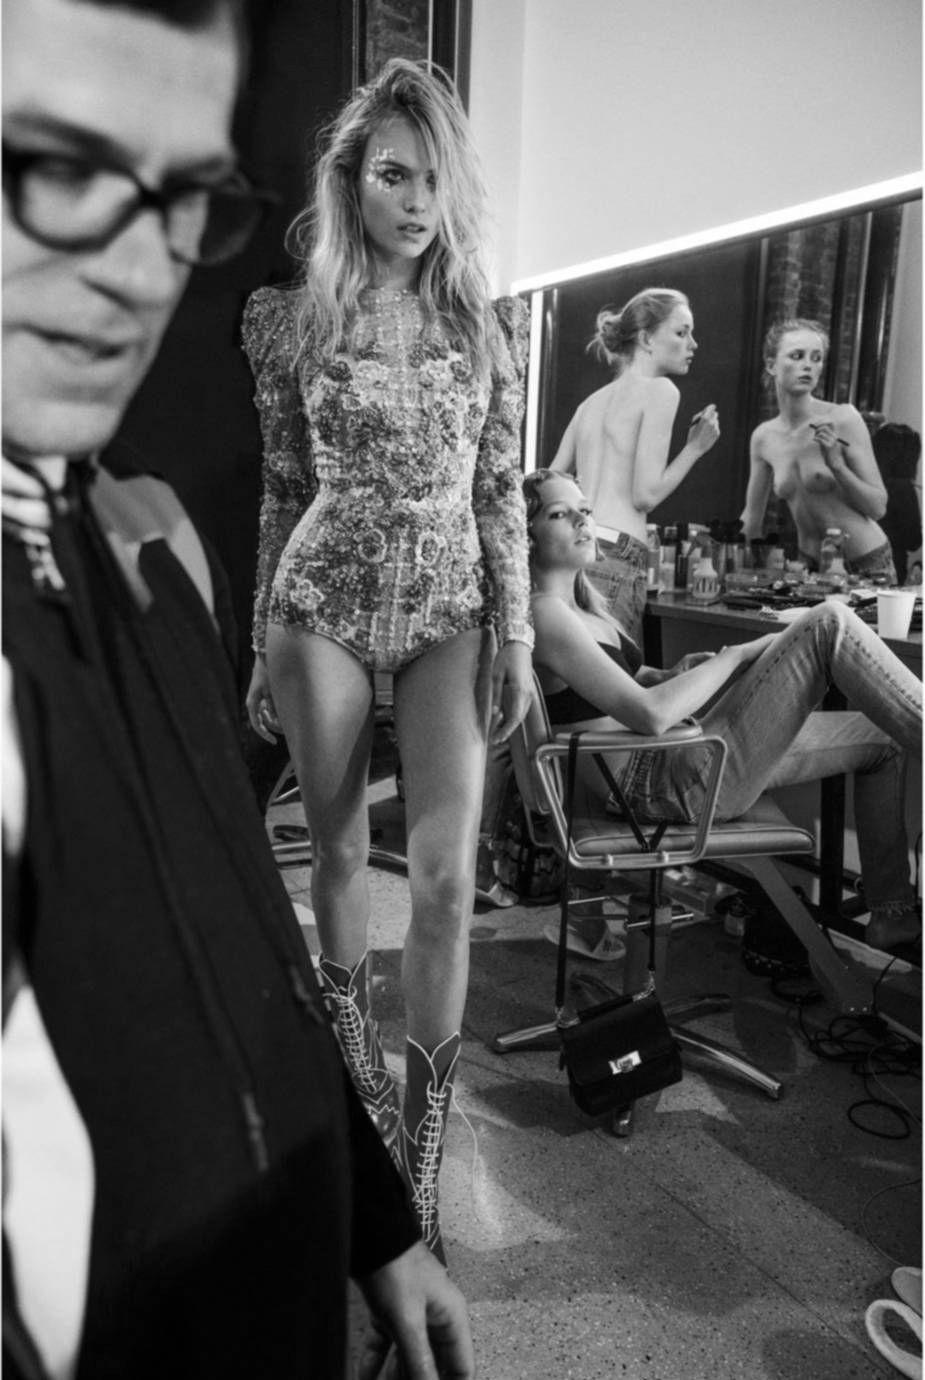 Feet Rianne van Rompaey nude photos 2019